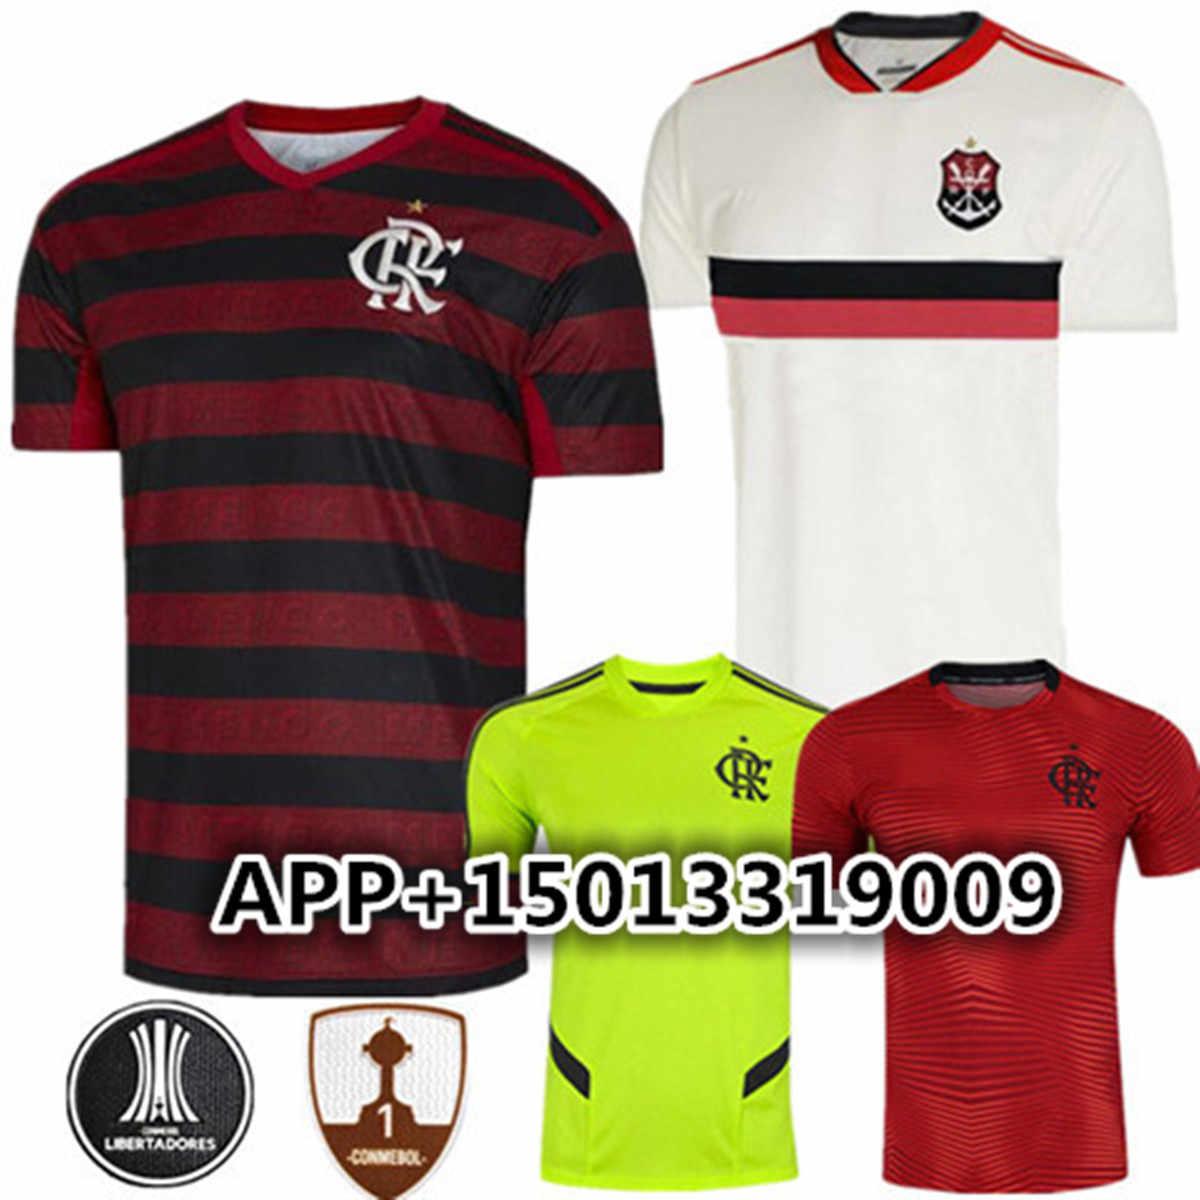 b7a0e700c 2019 flamengo camisa de futebol adultos 19 20 camisas dos homens Top  Qualidade Brasil Flamengo DIEGO